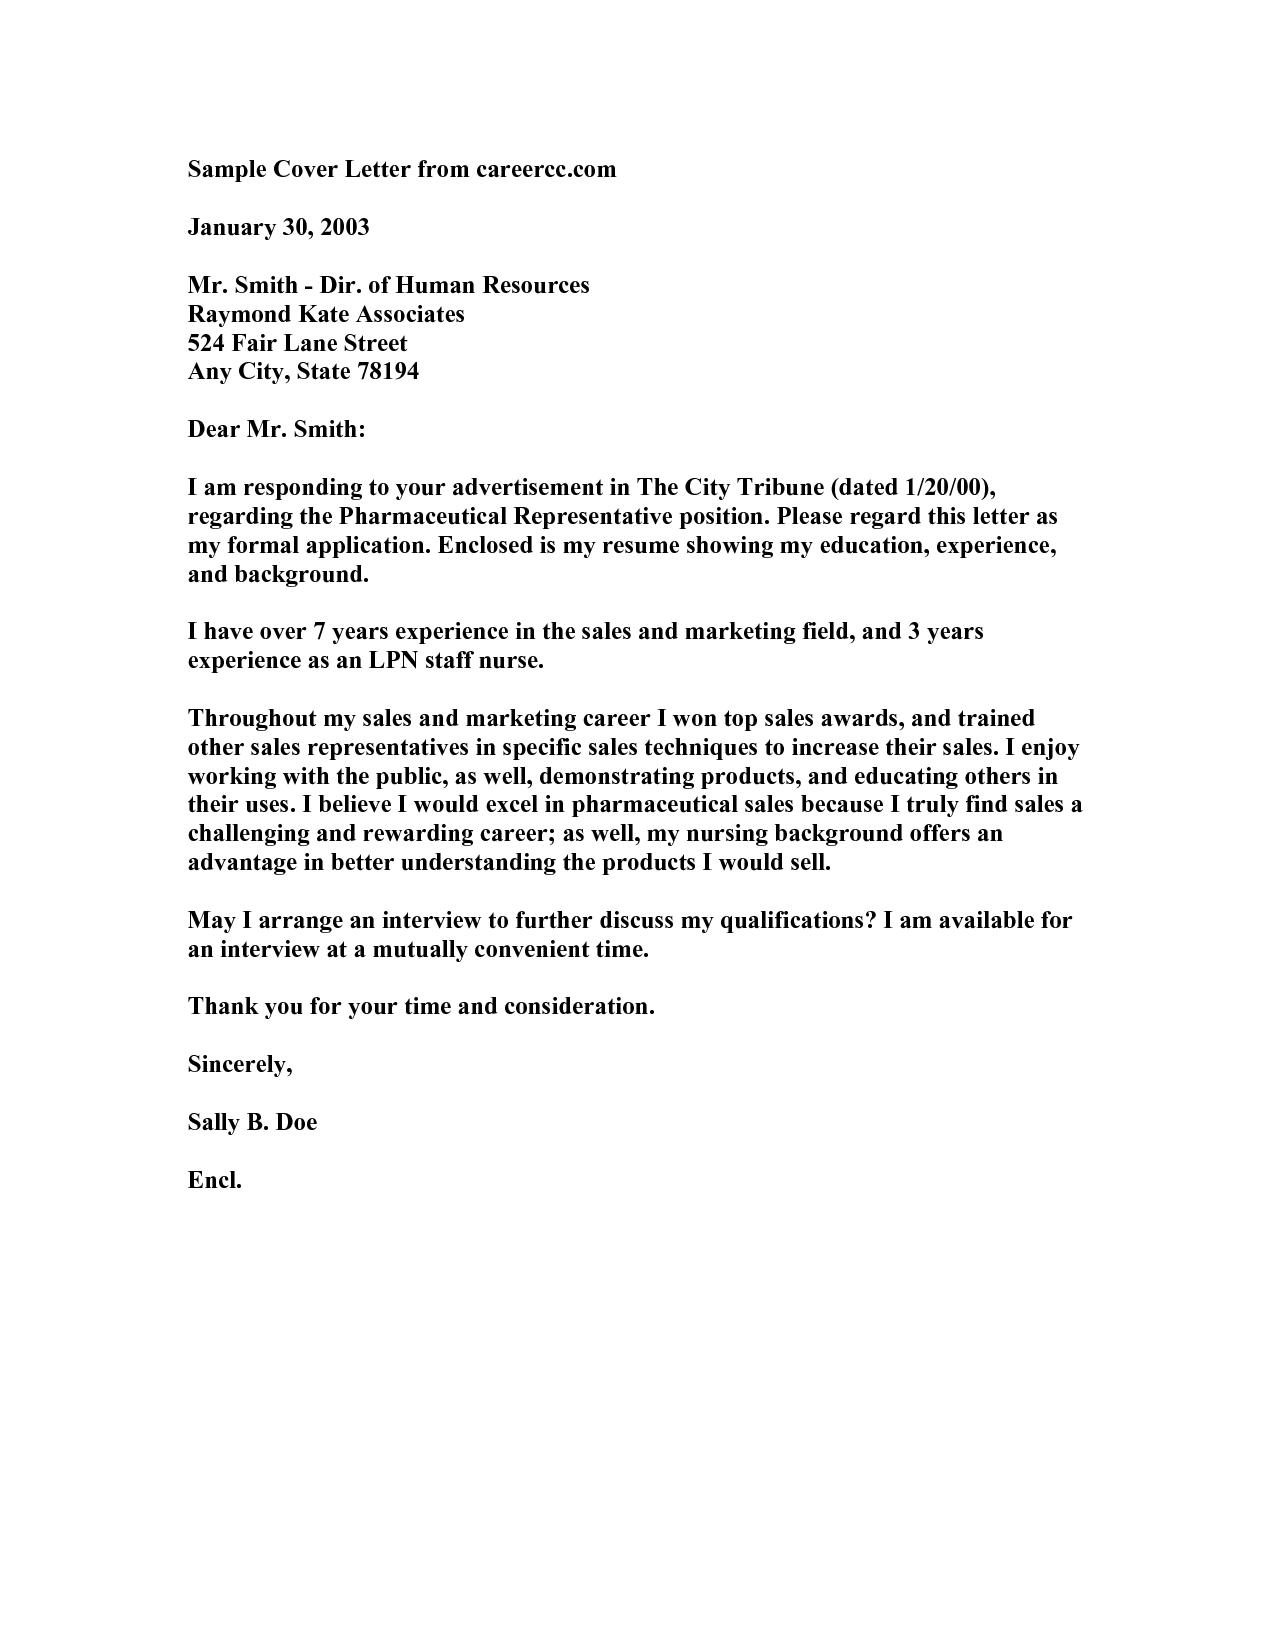 Resume Letter For Nursing Job - Resume Examples | Resume Template